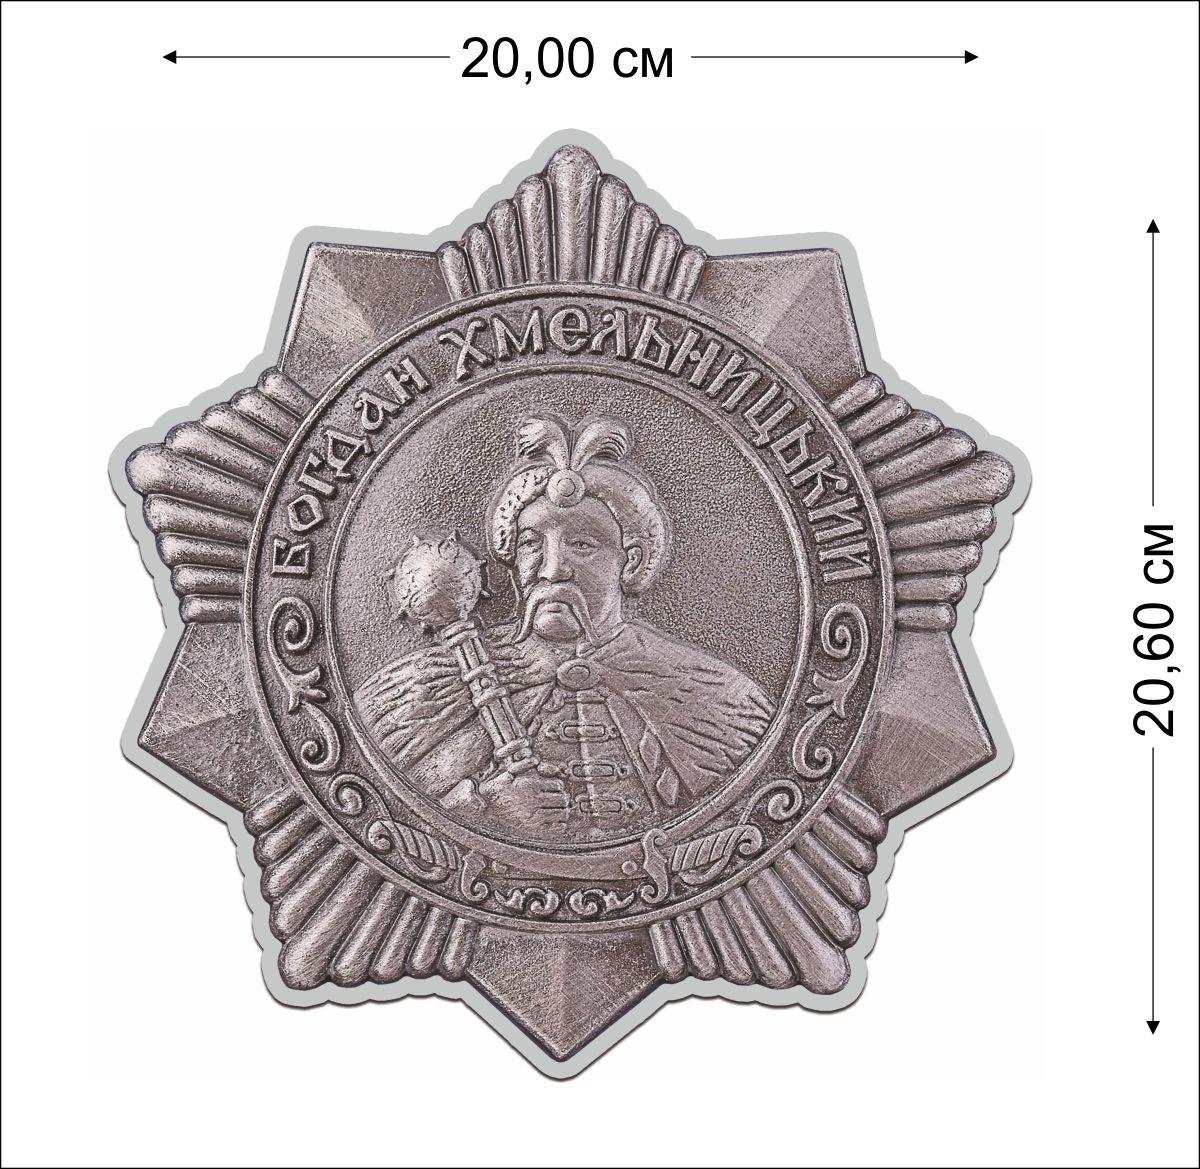 Наклейка с орденом Хмельницкого 3 степени